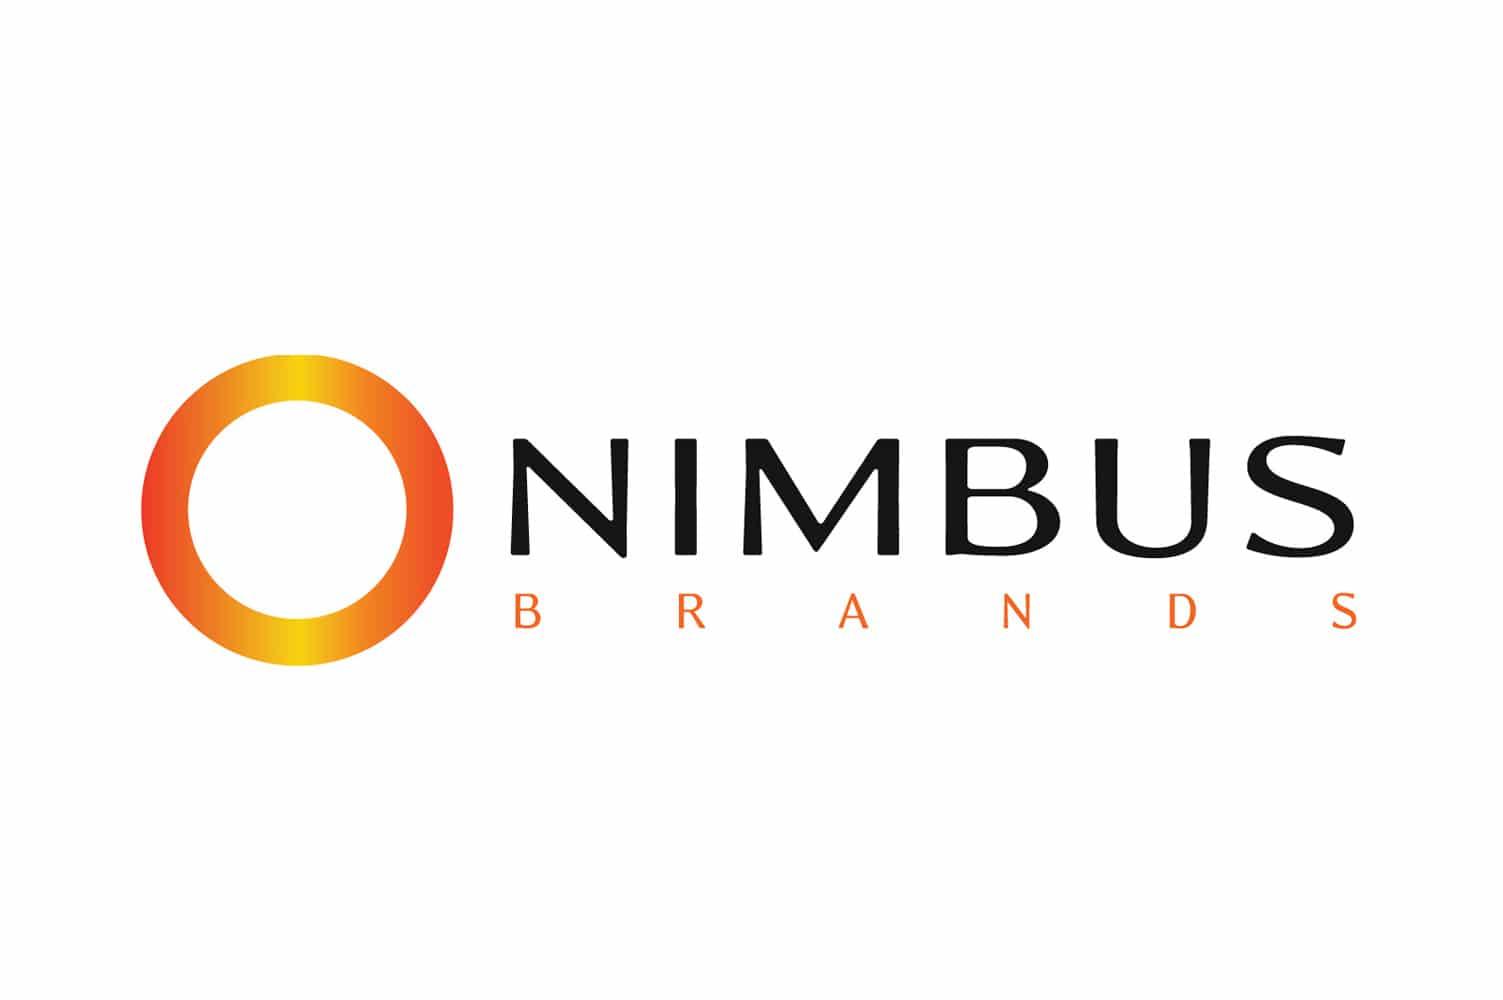 nimbus-brands-logo-design